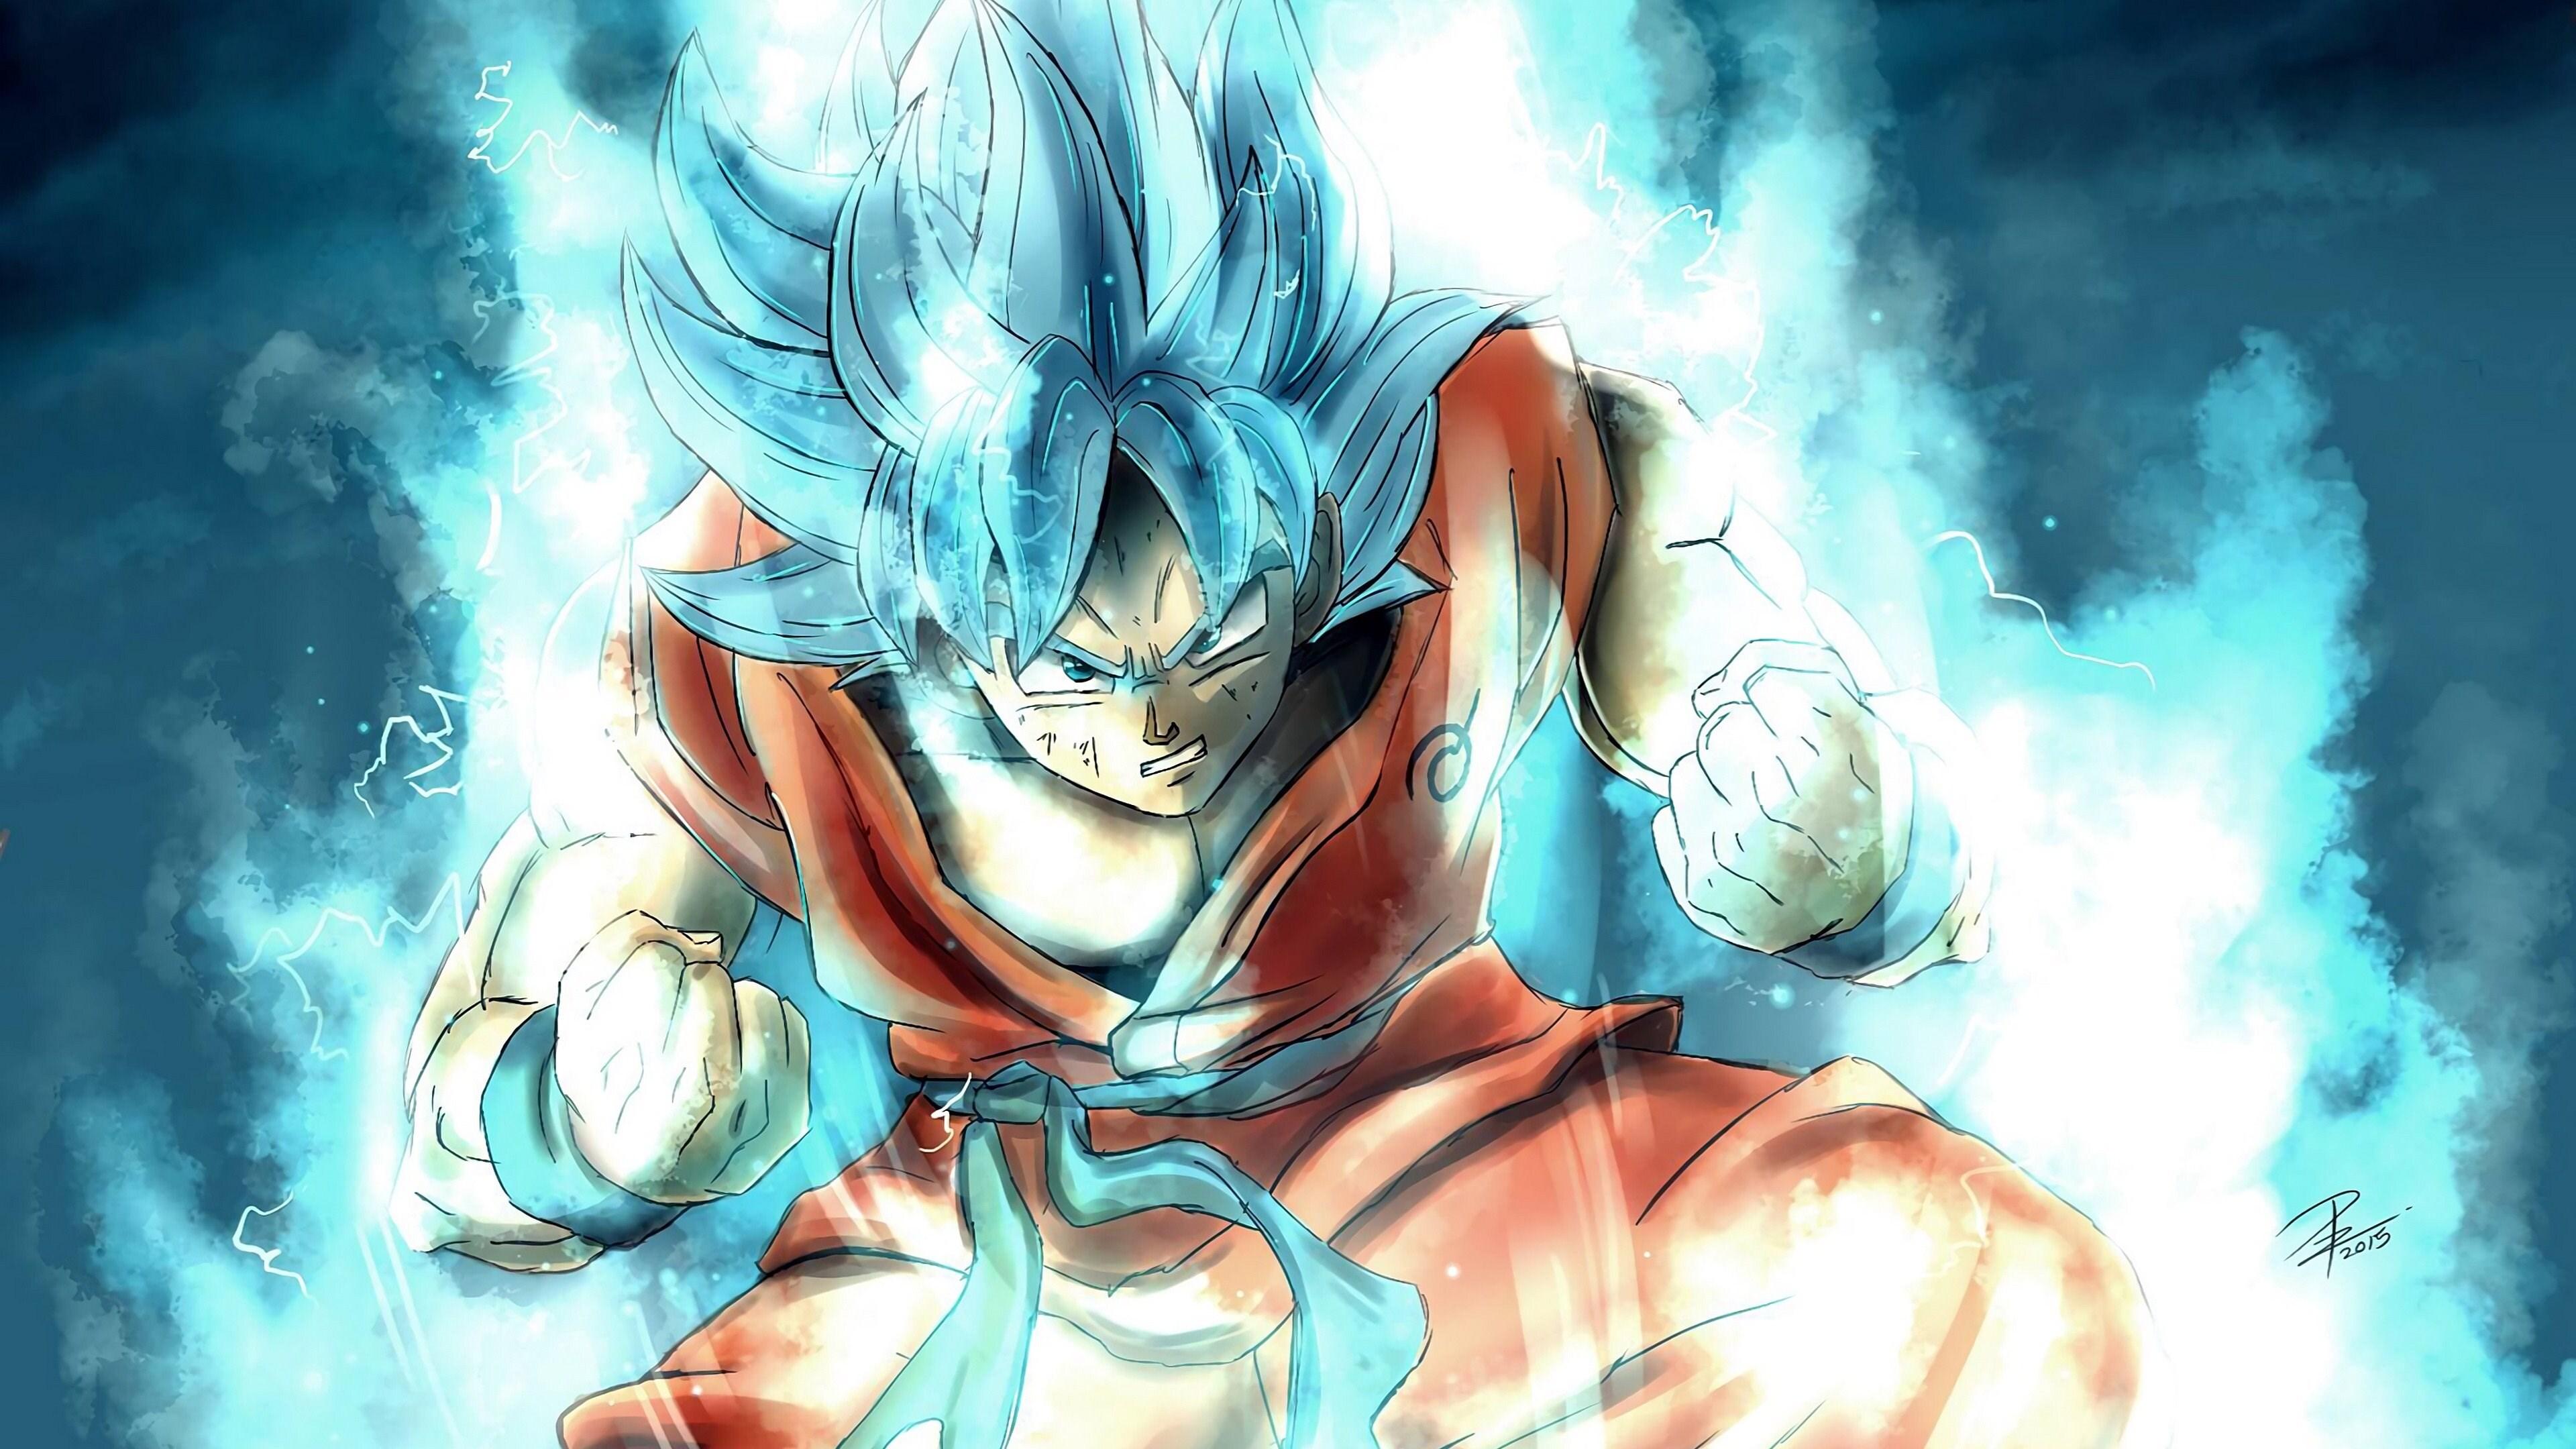 3840x2160 Goku Dragon Ball Super 4k 2018 4k HD 4k ...